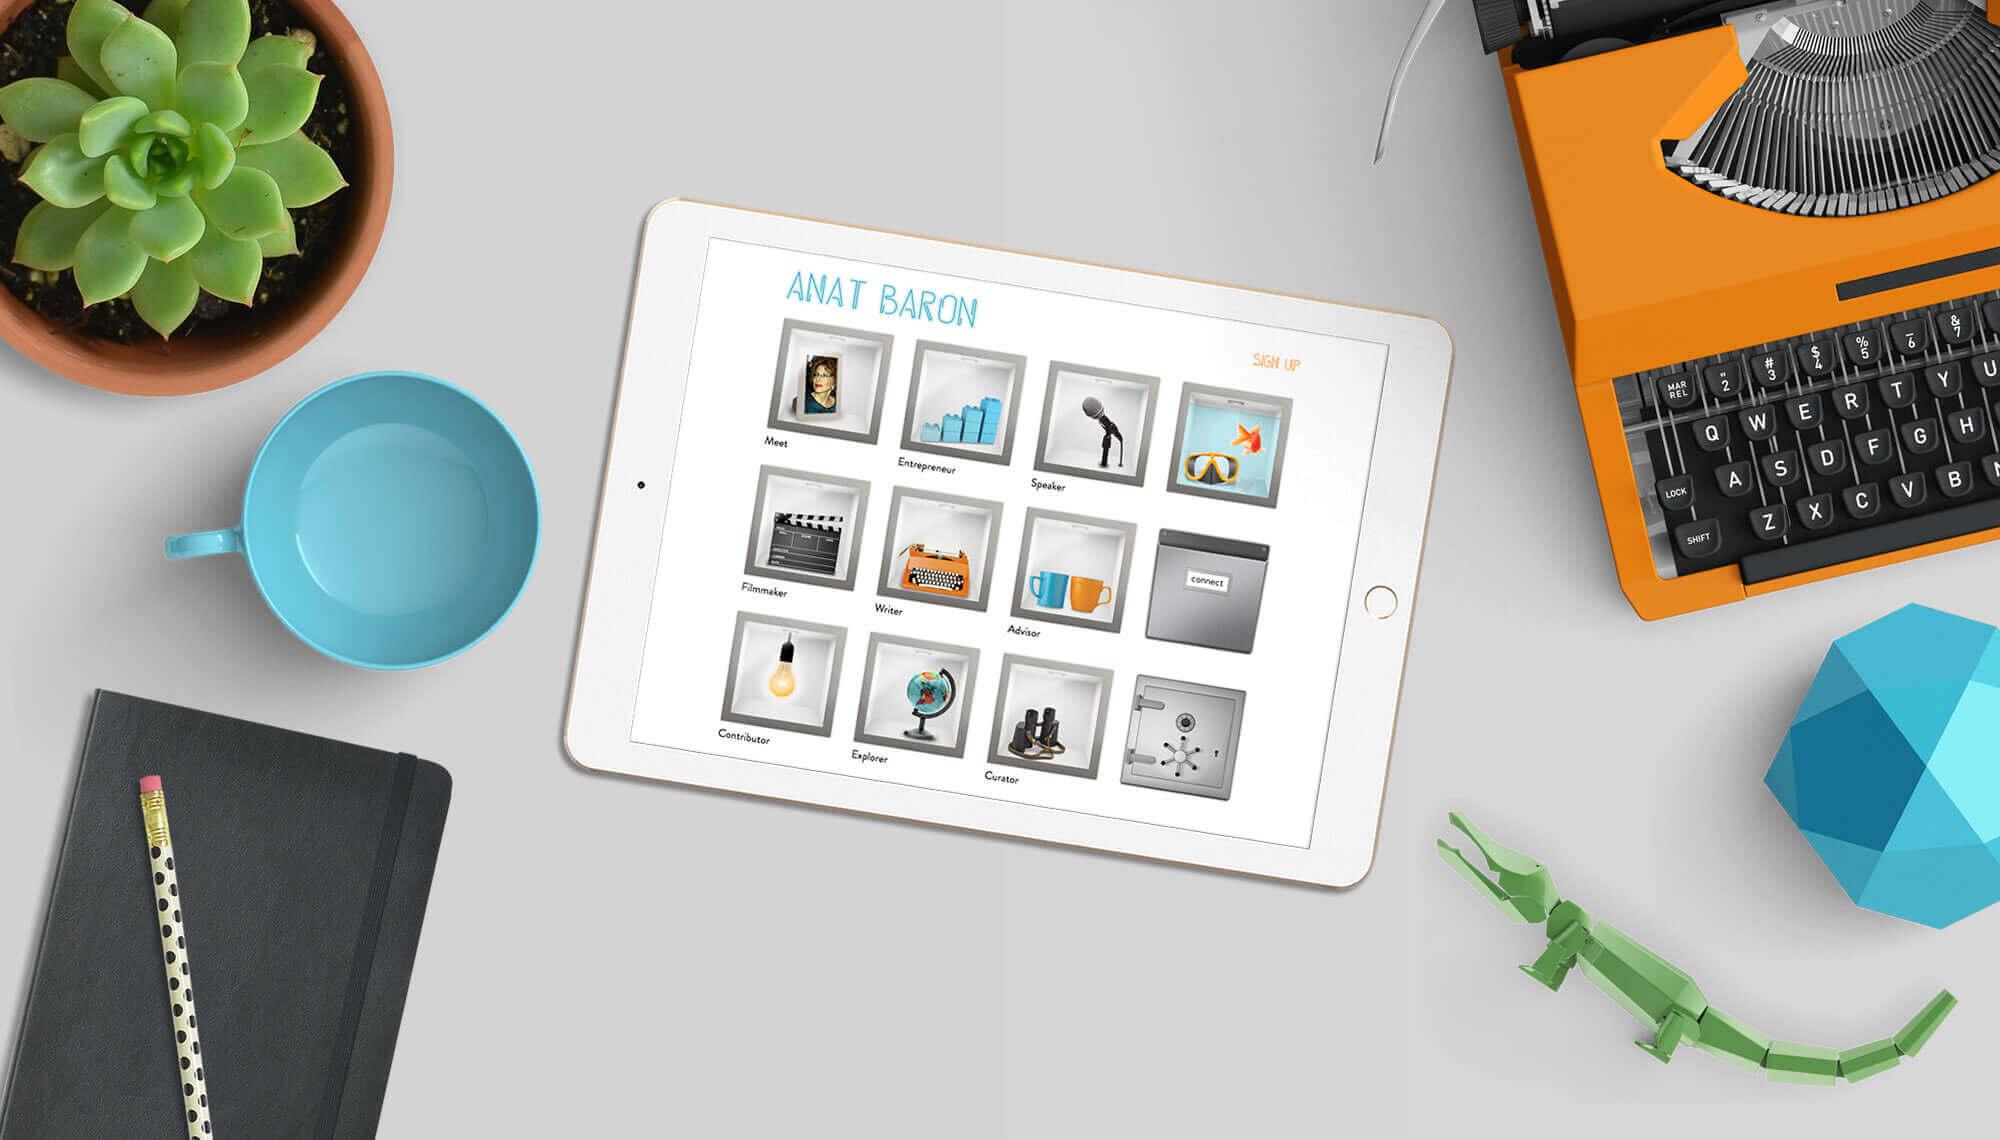 anatbaron.com designed & built by MatternCo